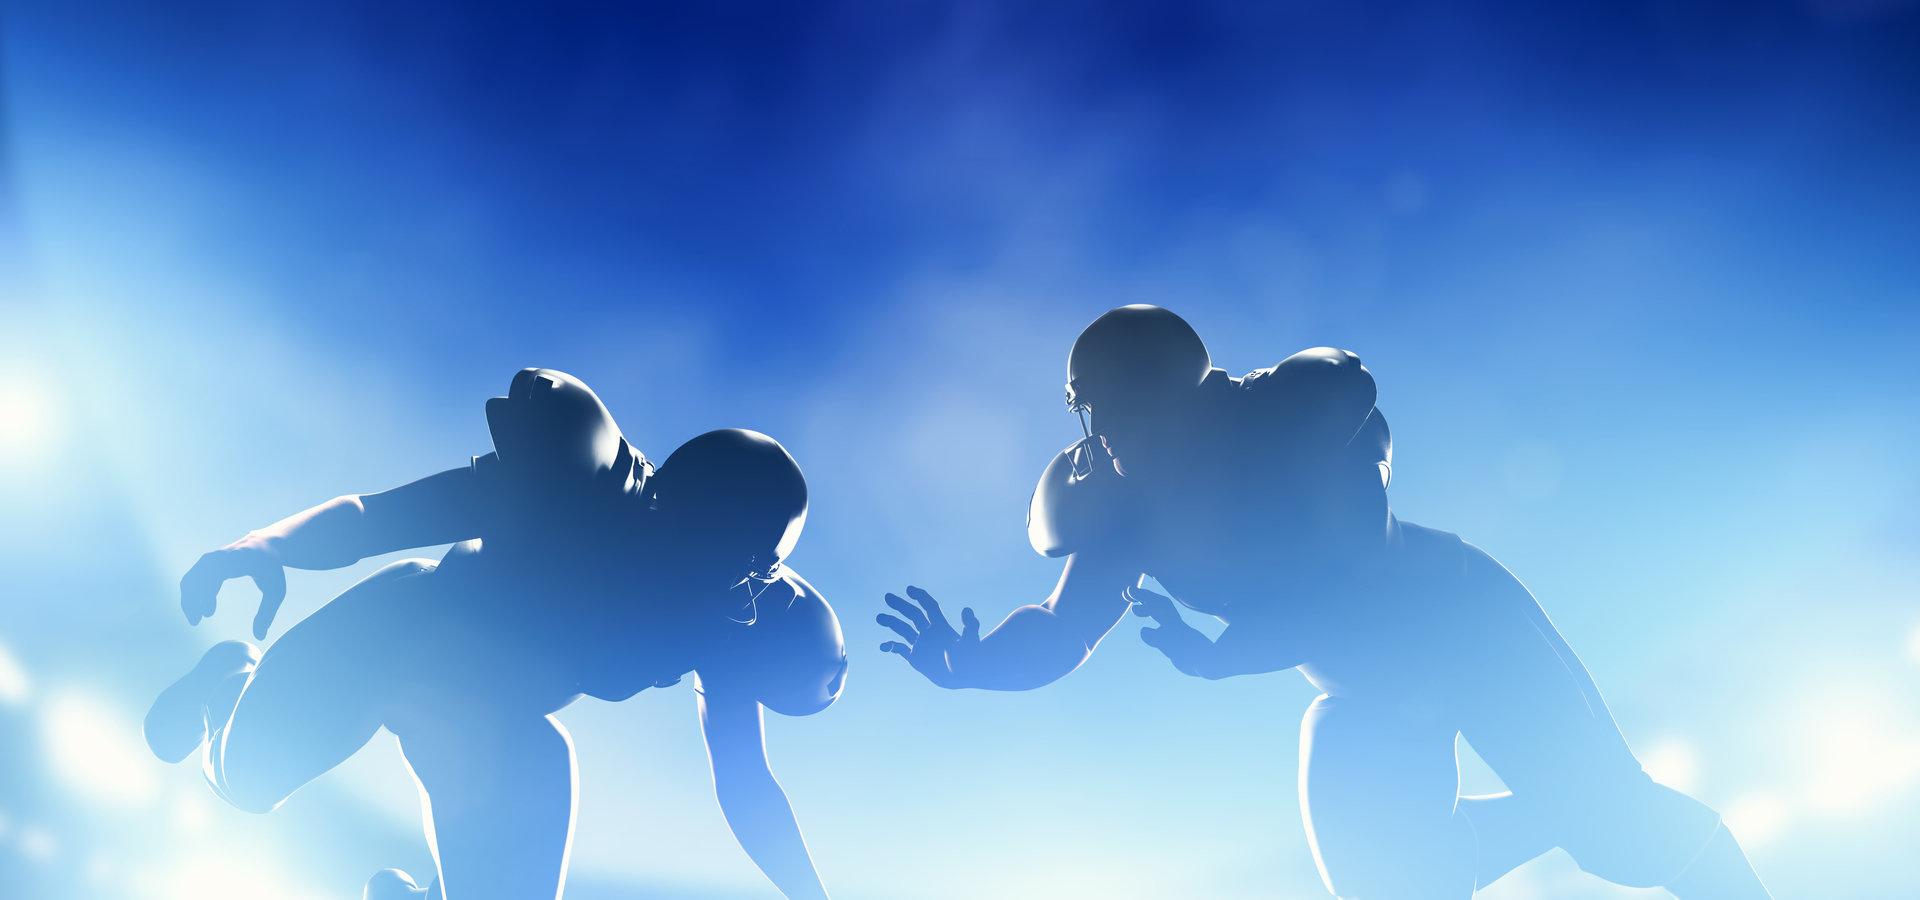 Milion powodów, aby wciąż oglądać finał Ligii Super Bowl